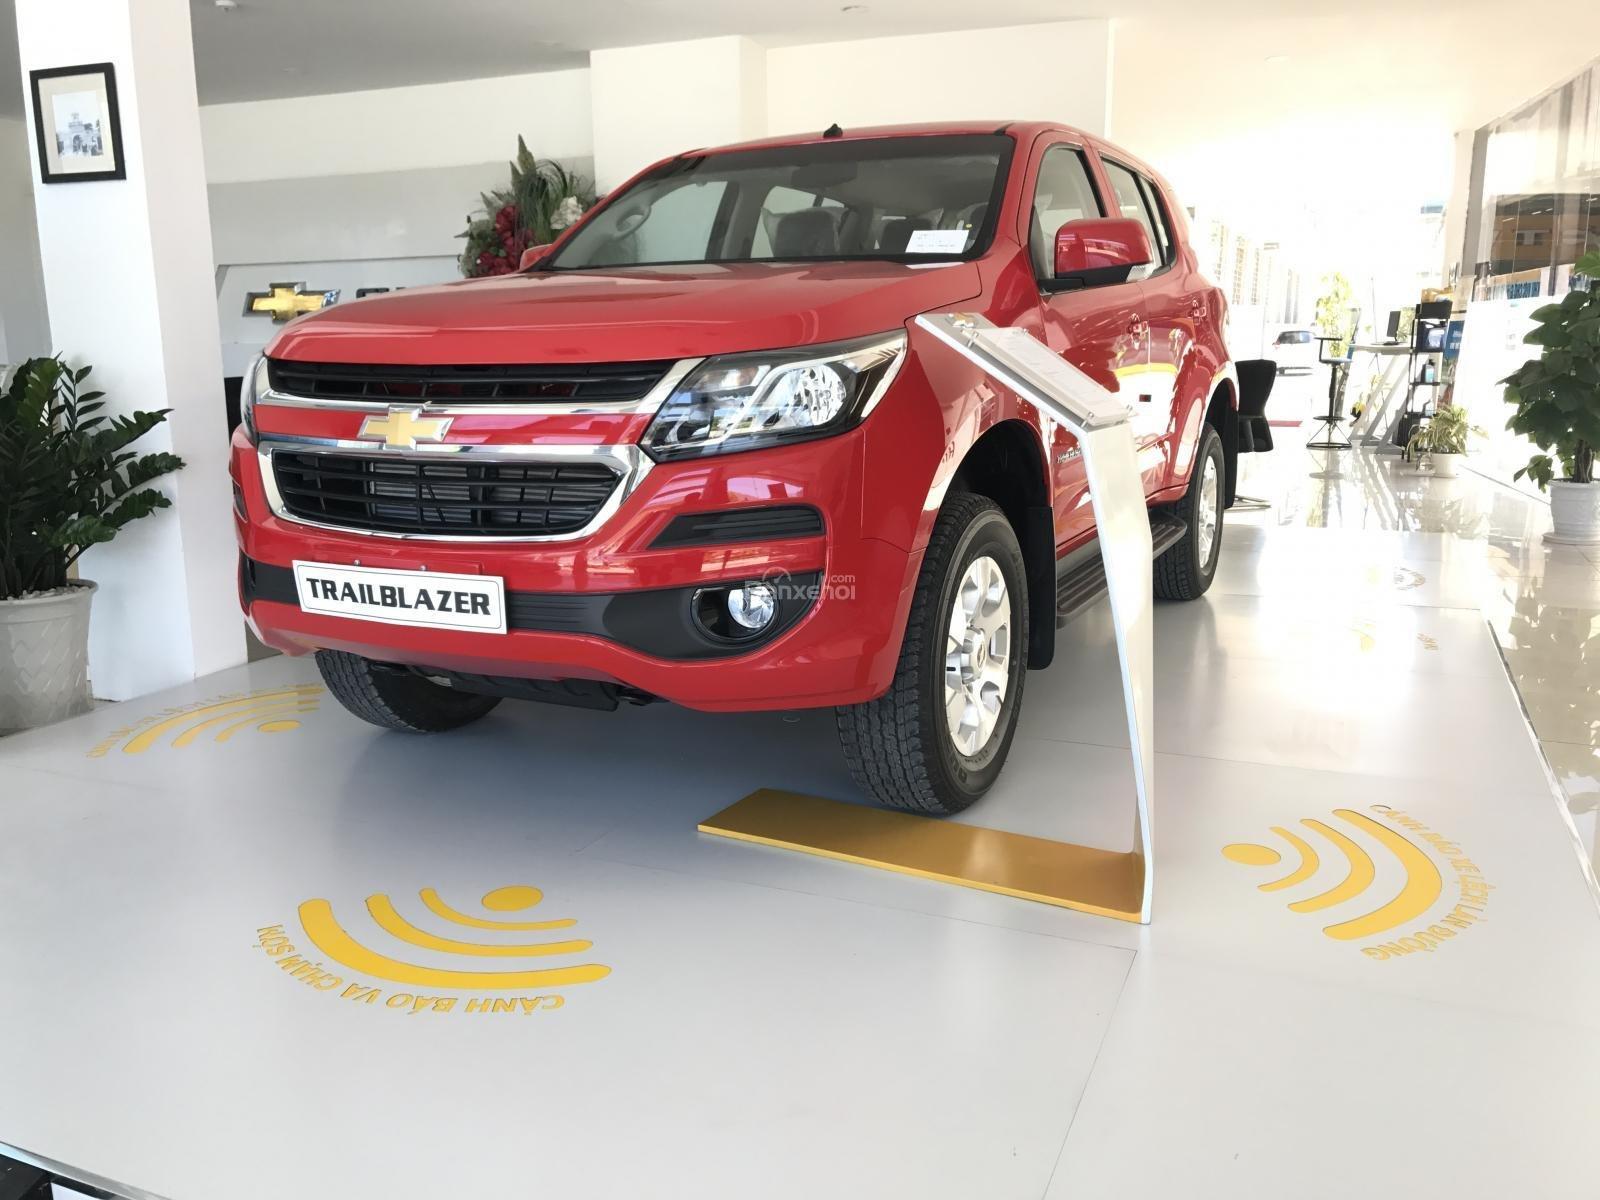 Bán ô tô Chevrolet Trailblazer 2.5L VGT 4x2 AT LT sản xuất năm 2018, màu đỏ, nhập khẩu, ưu đãi 30 triệu T12/2018-0